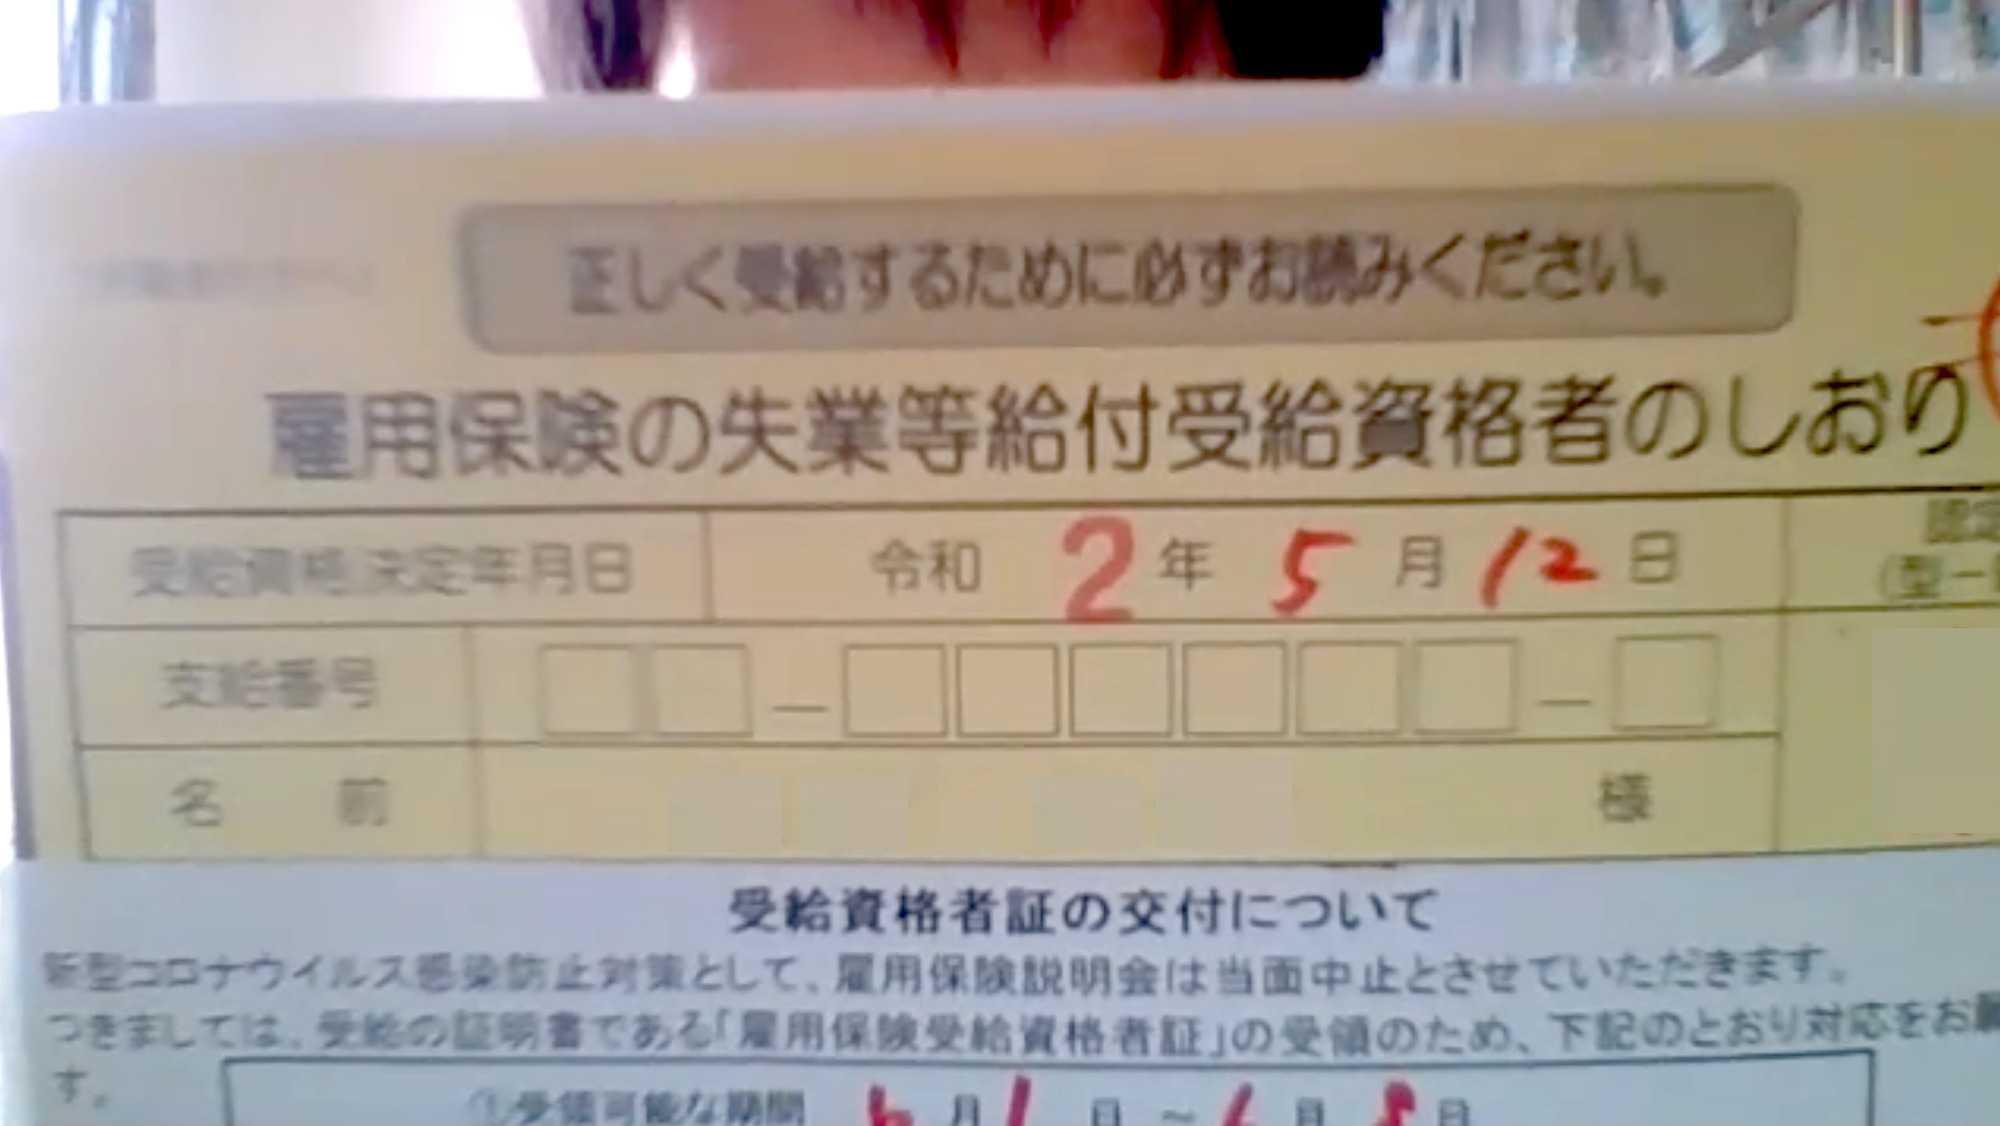 失業手当の受給資格が下りた際に受け取った書類